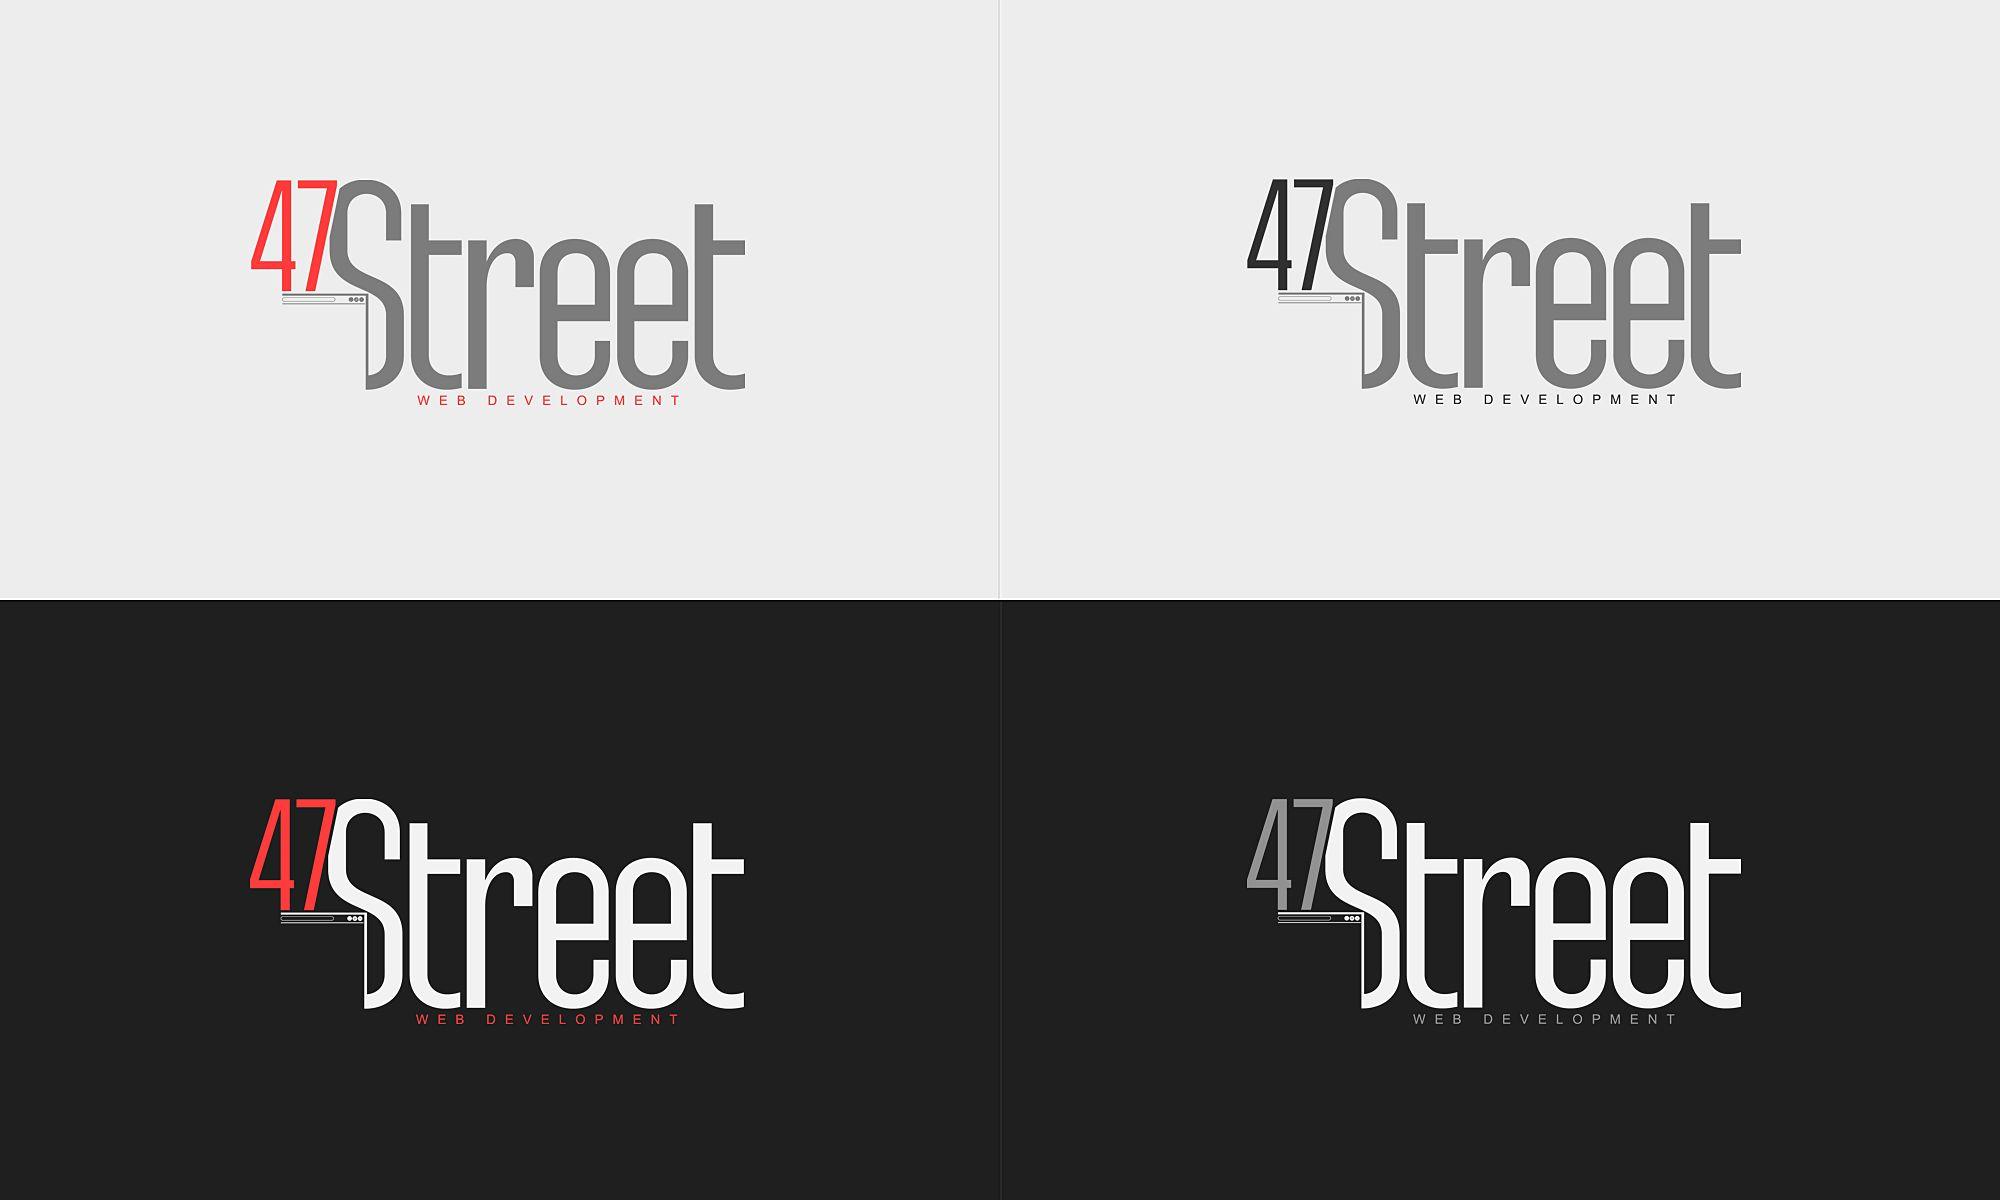 Разработка логотипа студии веб-разработки - дизайнер 21piecedesign